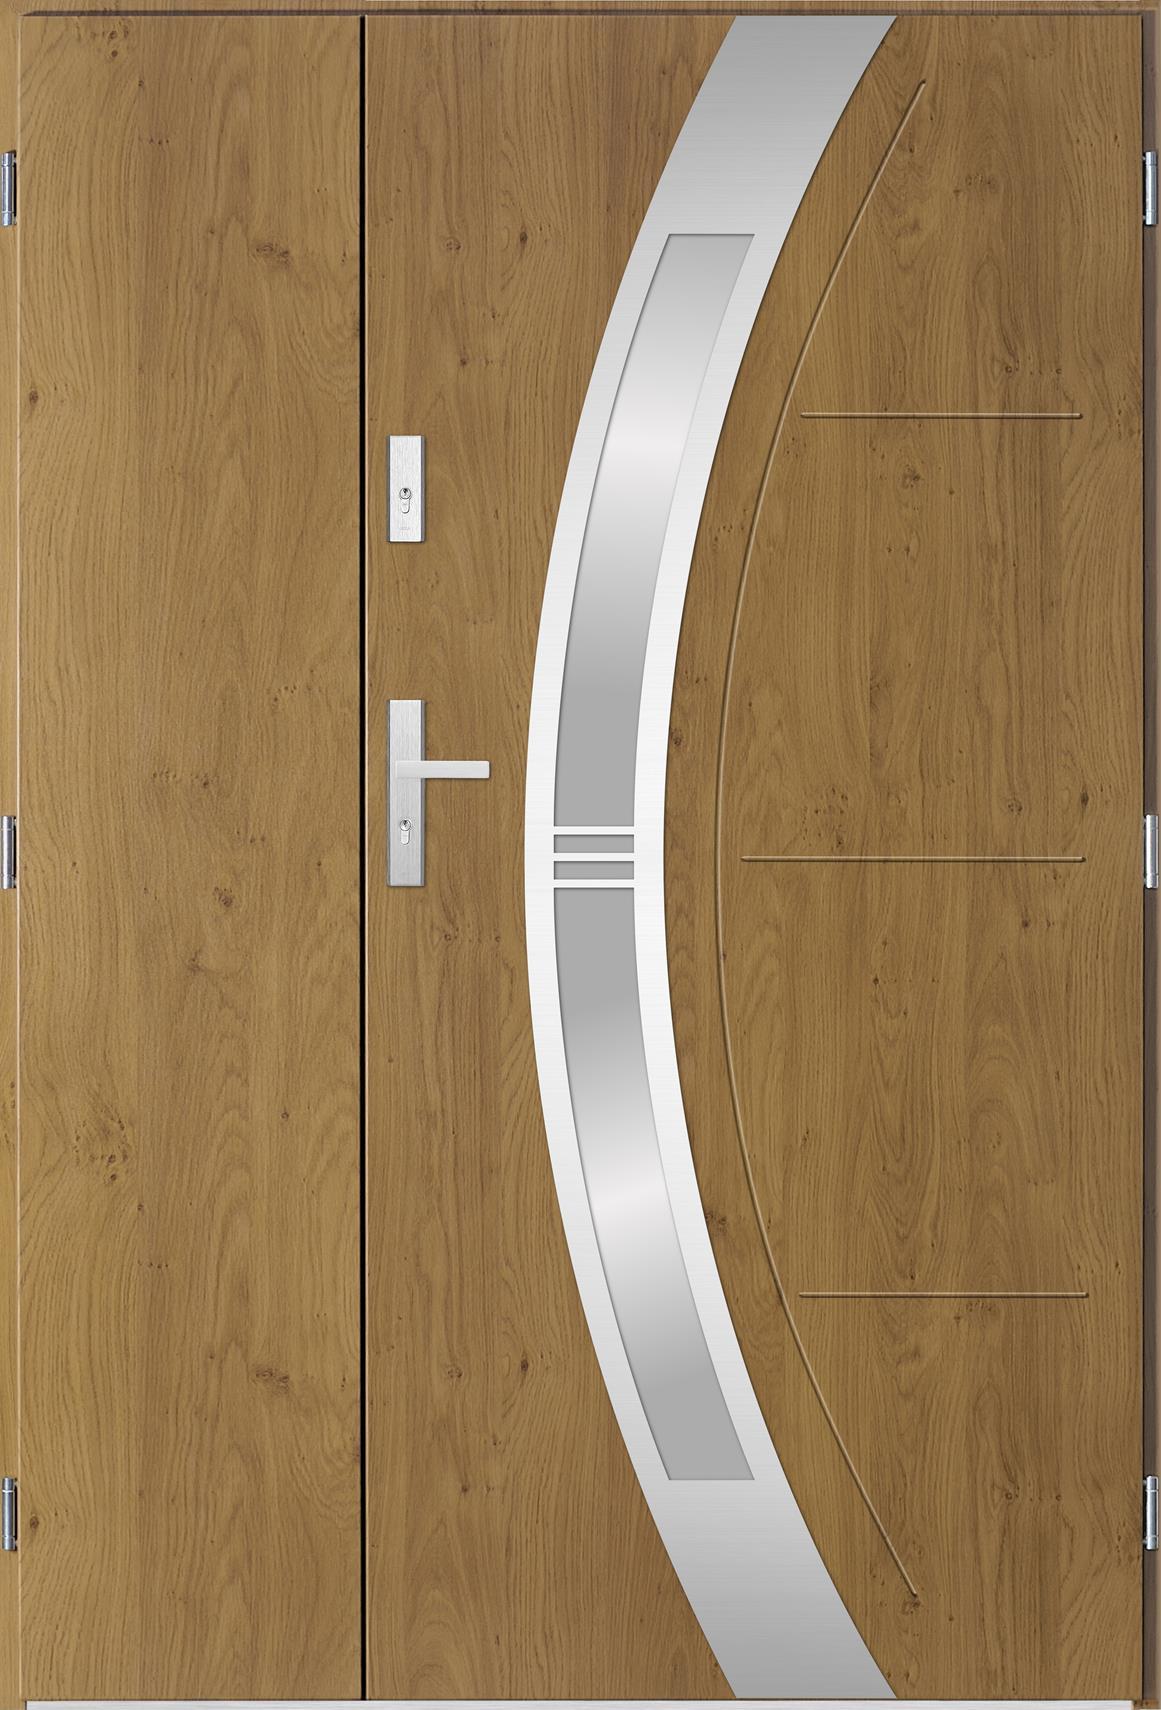 Dvoukøídlé ocelové vchodové dveøe Andrea, winchester